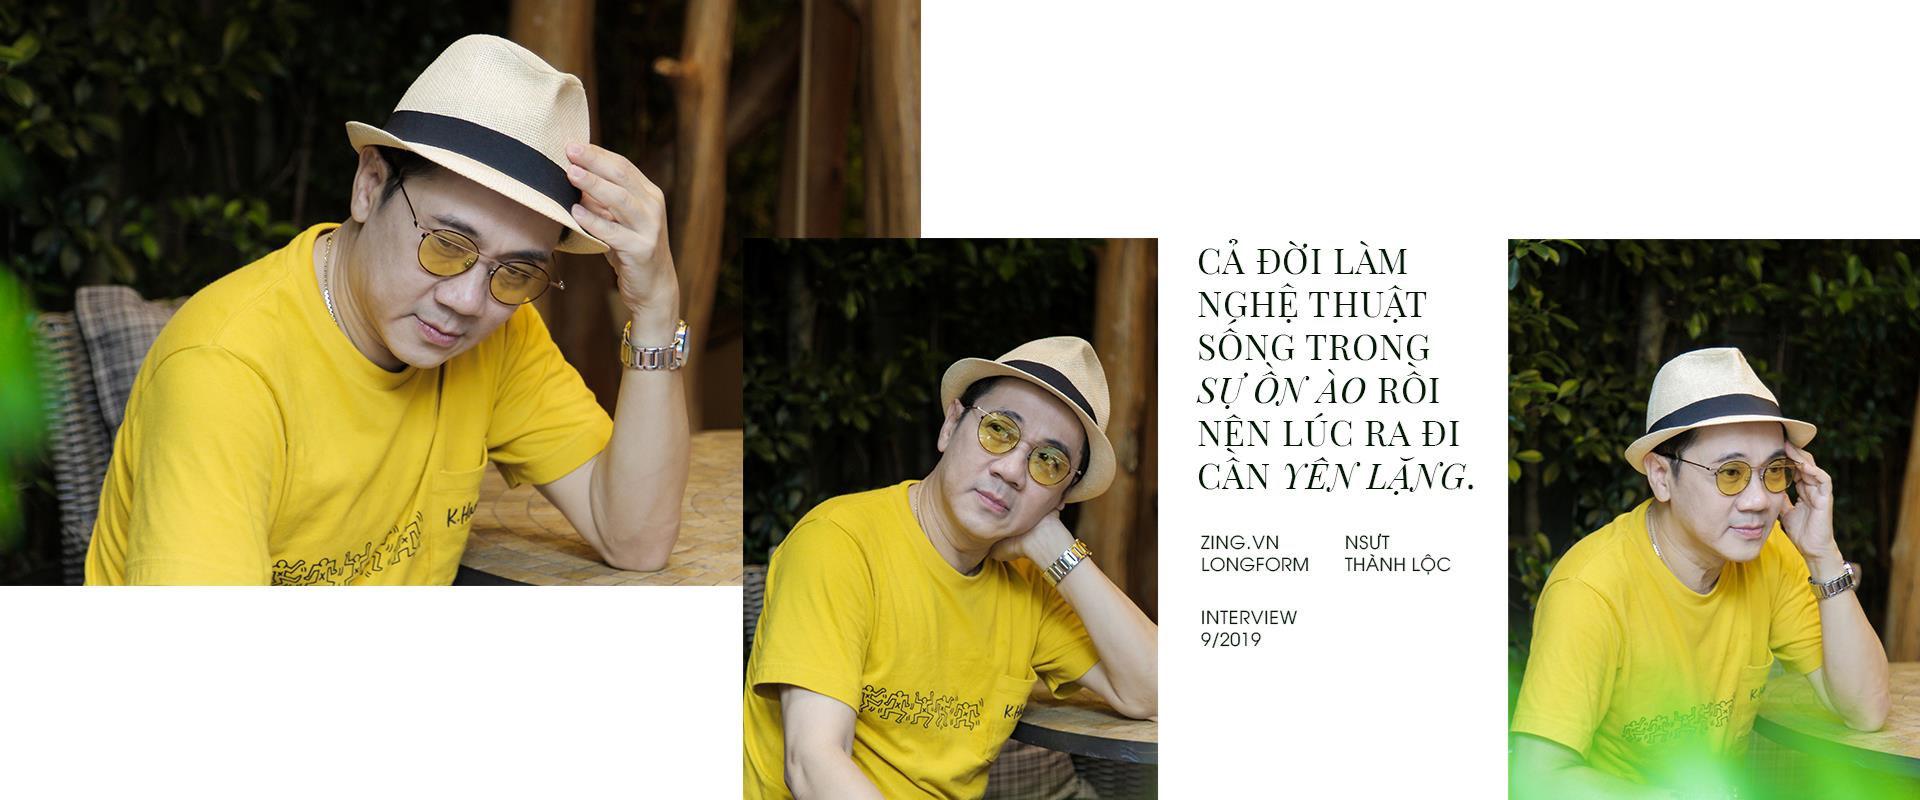 Nghệ sĩ Thành Lộc: Ai cũng có thể thay thế, kể cả Hoài Linh - Hình 8